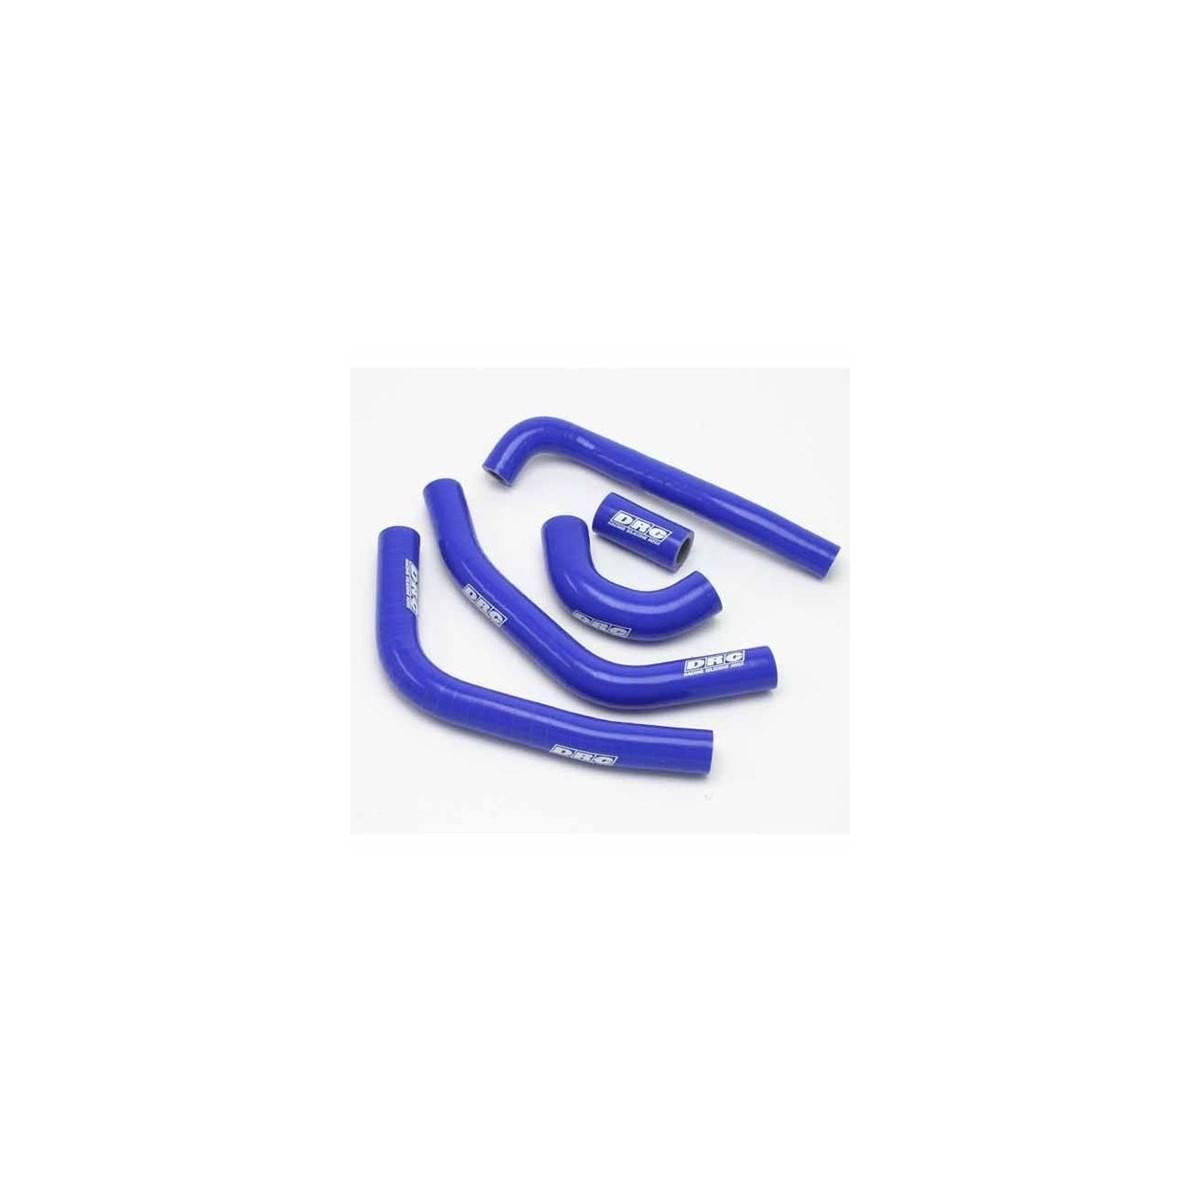 D47.01.692 - Kit Manguitos Radiador Yamaha Yz450F ´10 Azul